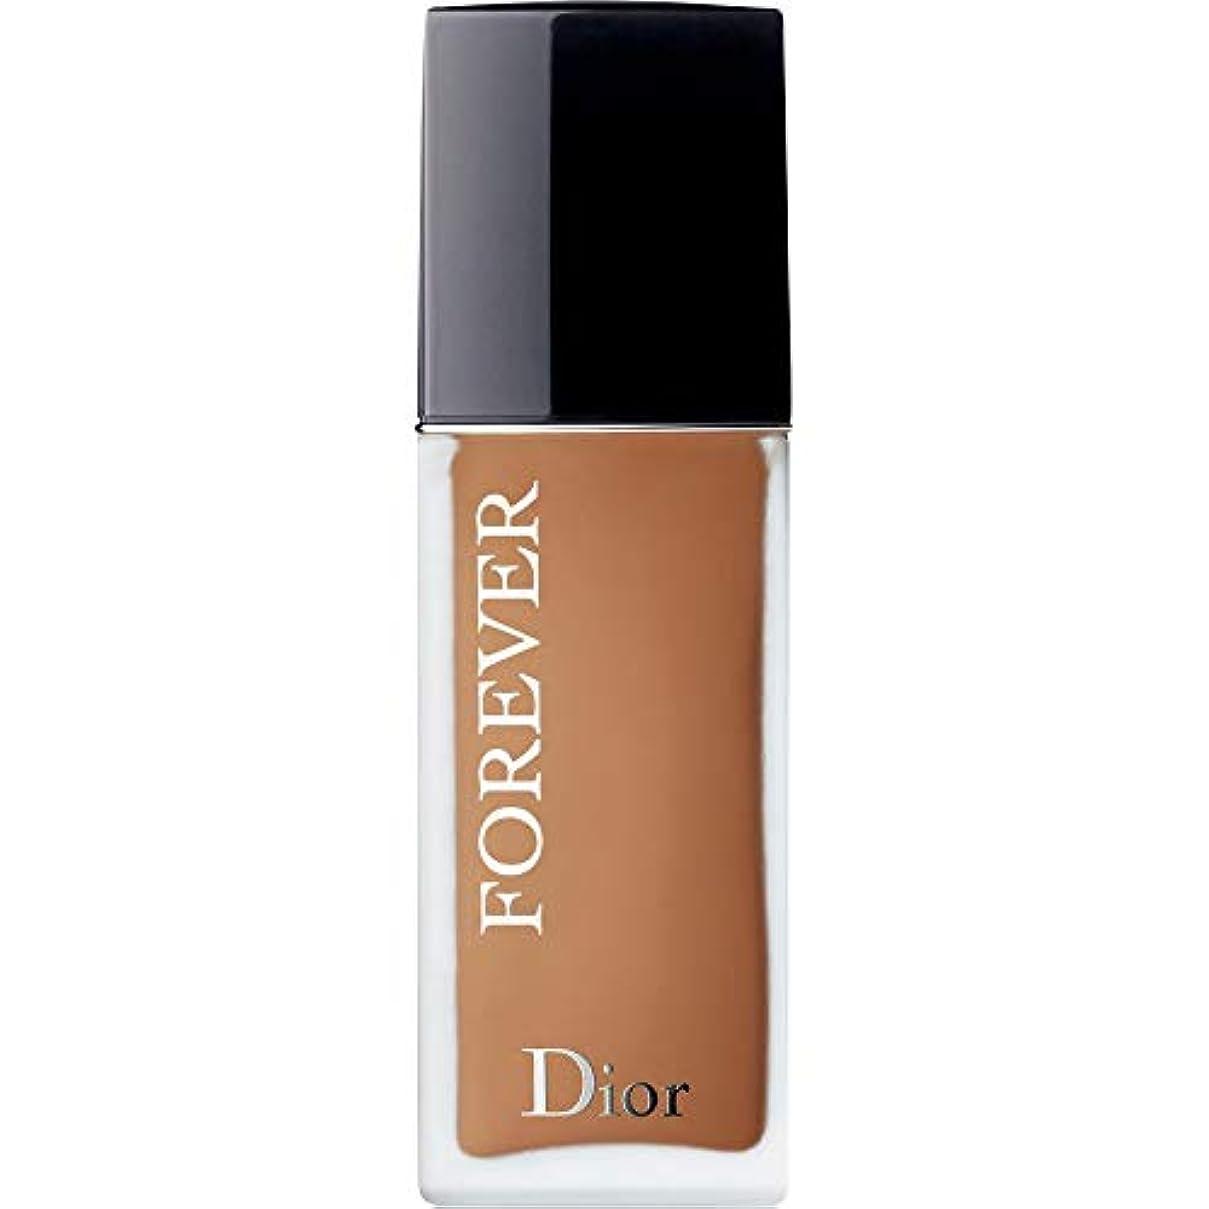 告白する文字通りラダ[Dior ] ディオール永遠皮膚思いやりの基盤Spf35 30ミリリットルの5ワット - 暖かい(つや消し) - DIOR Forever Skin-Caring Foundation SPF35 30ml 5W -...